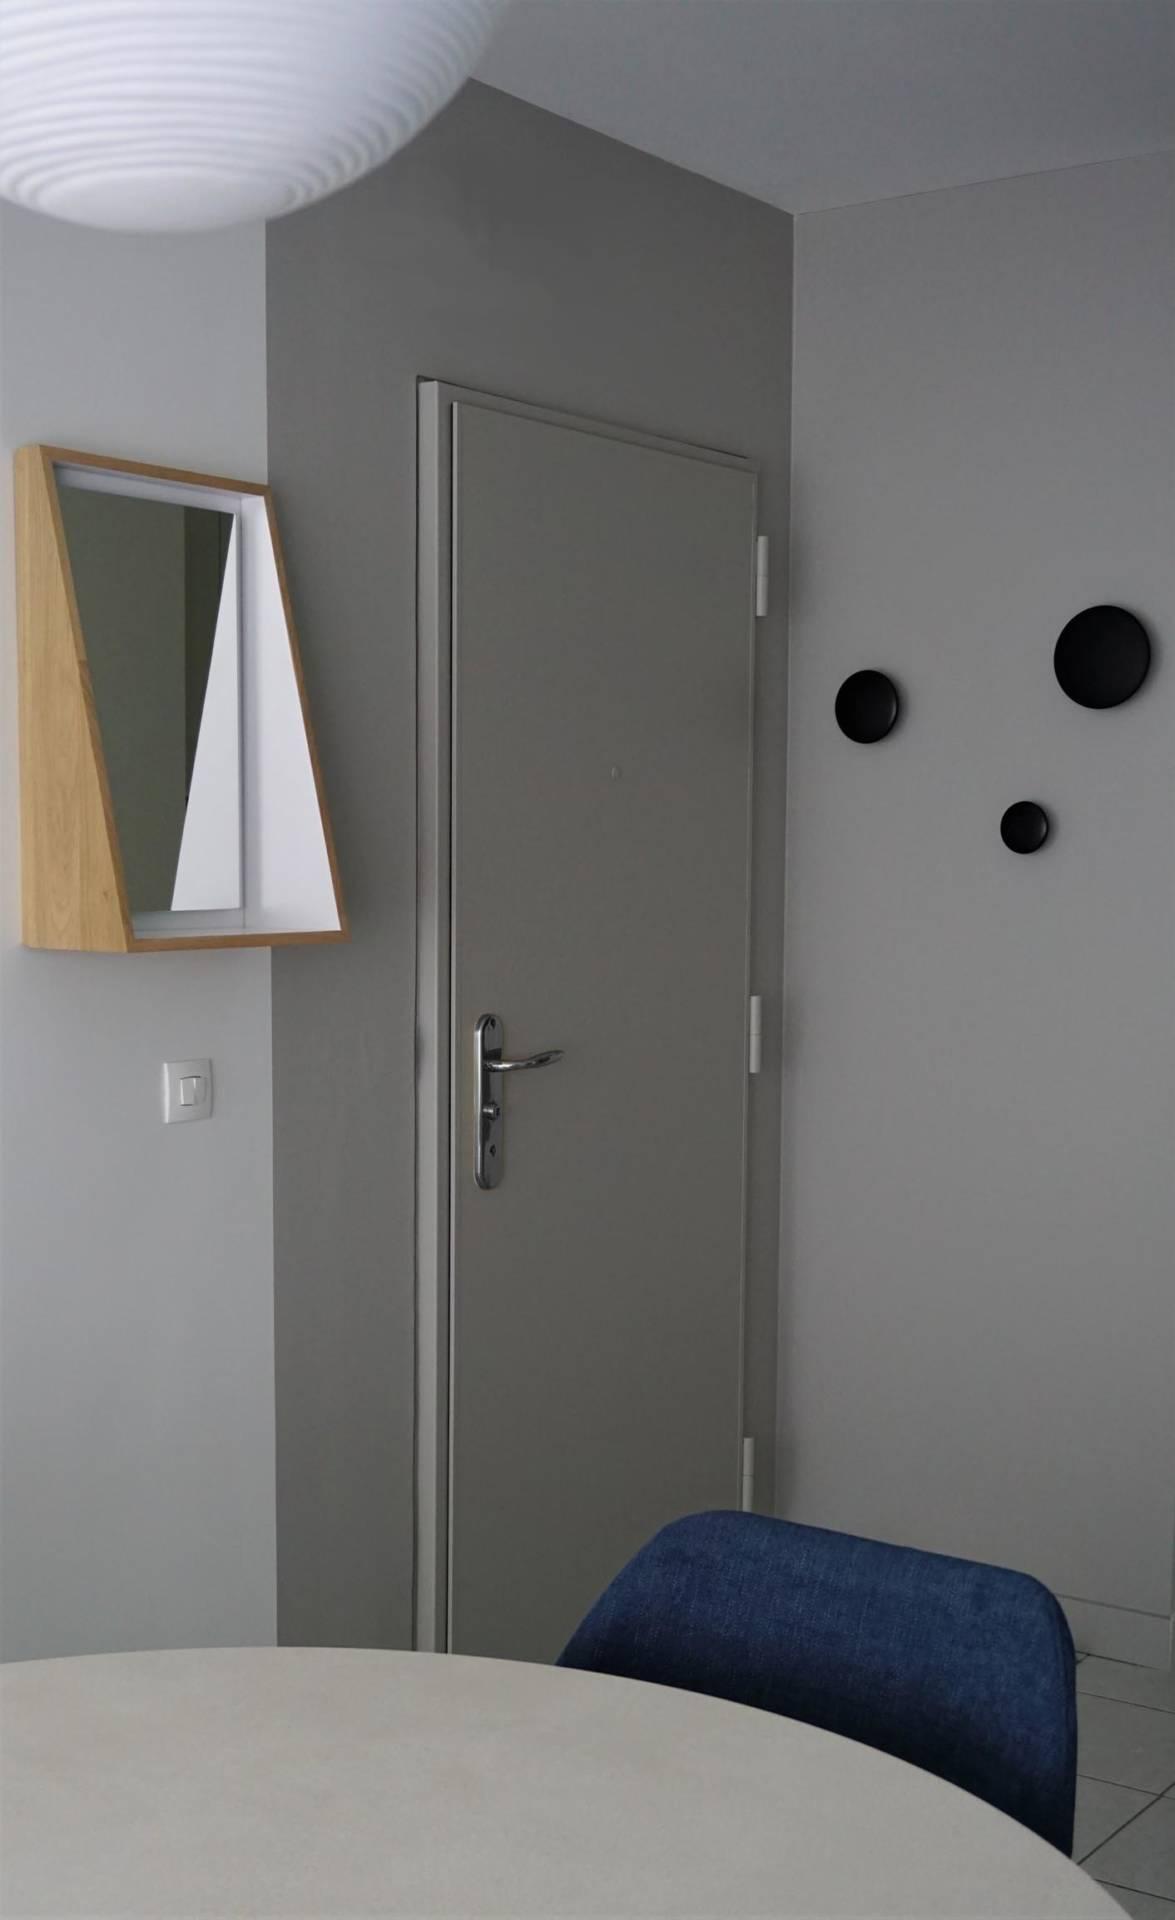 Décoration entrée par Anne Solenn Chérat, Décoratrice UFDI sur Lorient, Vannes, Pontivy : appartement bord de mer.